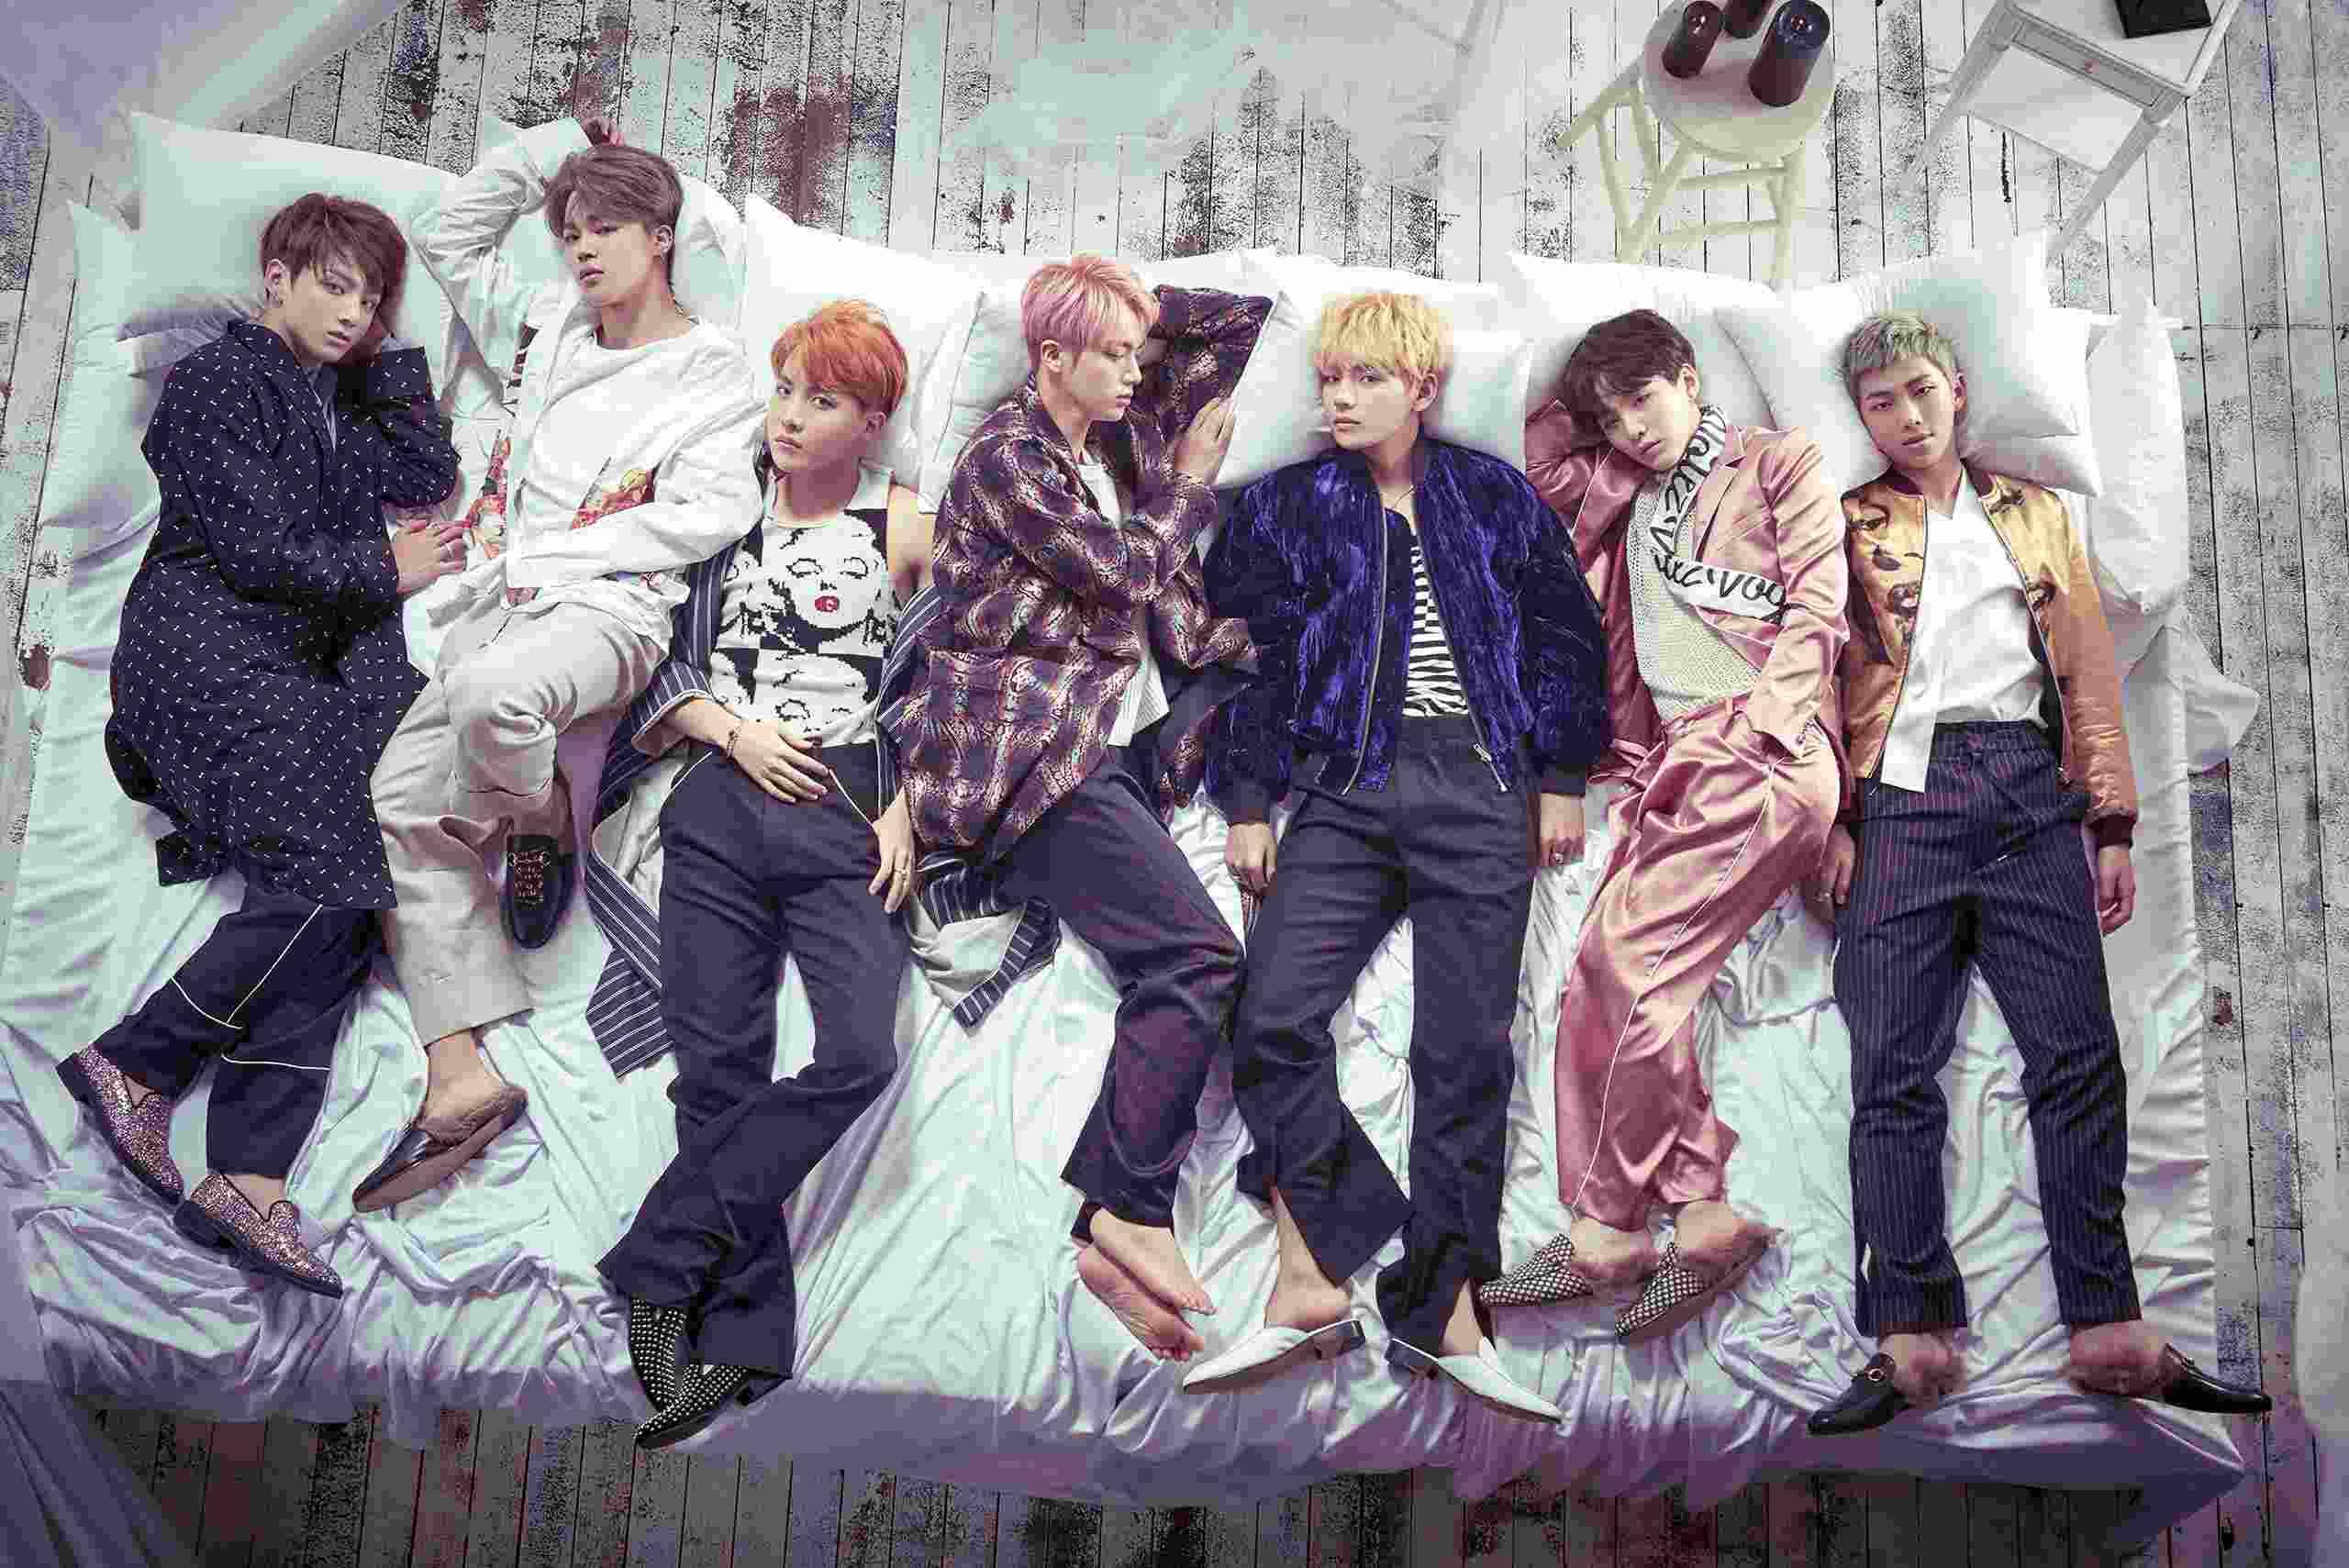 BTS防彈少年團無論在韓國國內或是全球各地都有相當高的人氣,歌曲還是舞蹈的實力都是大家有目共睹的,成為近年來的大勢男團代表之一